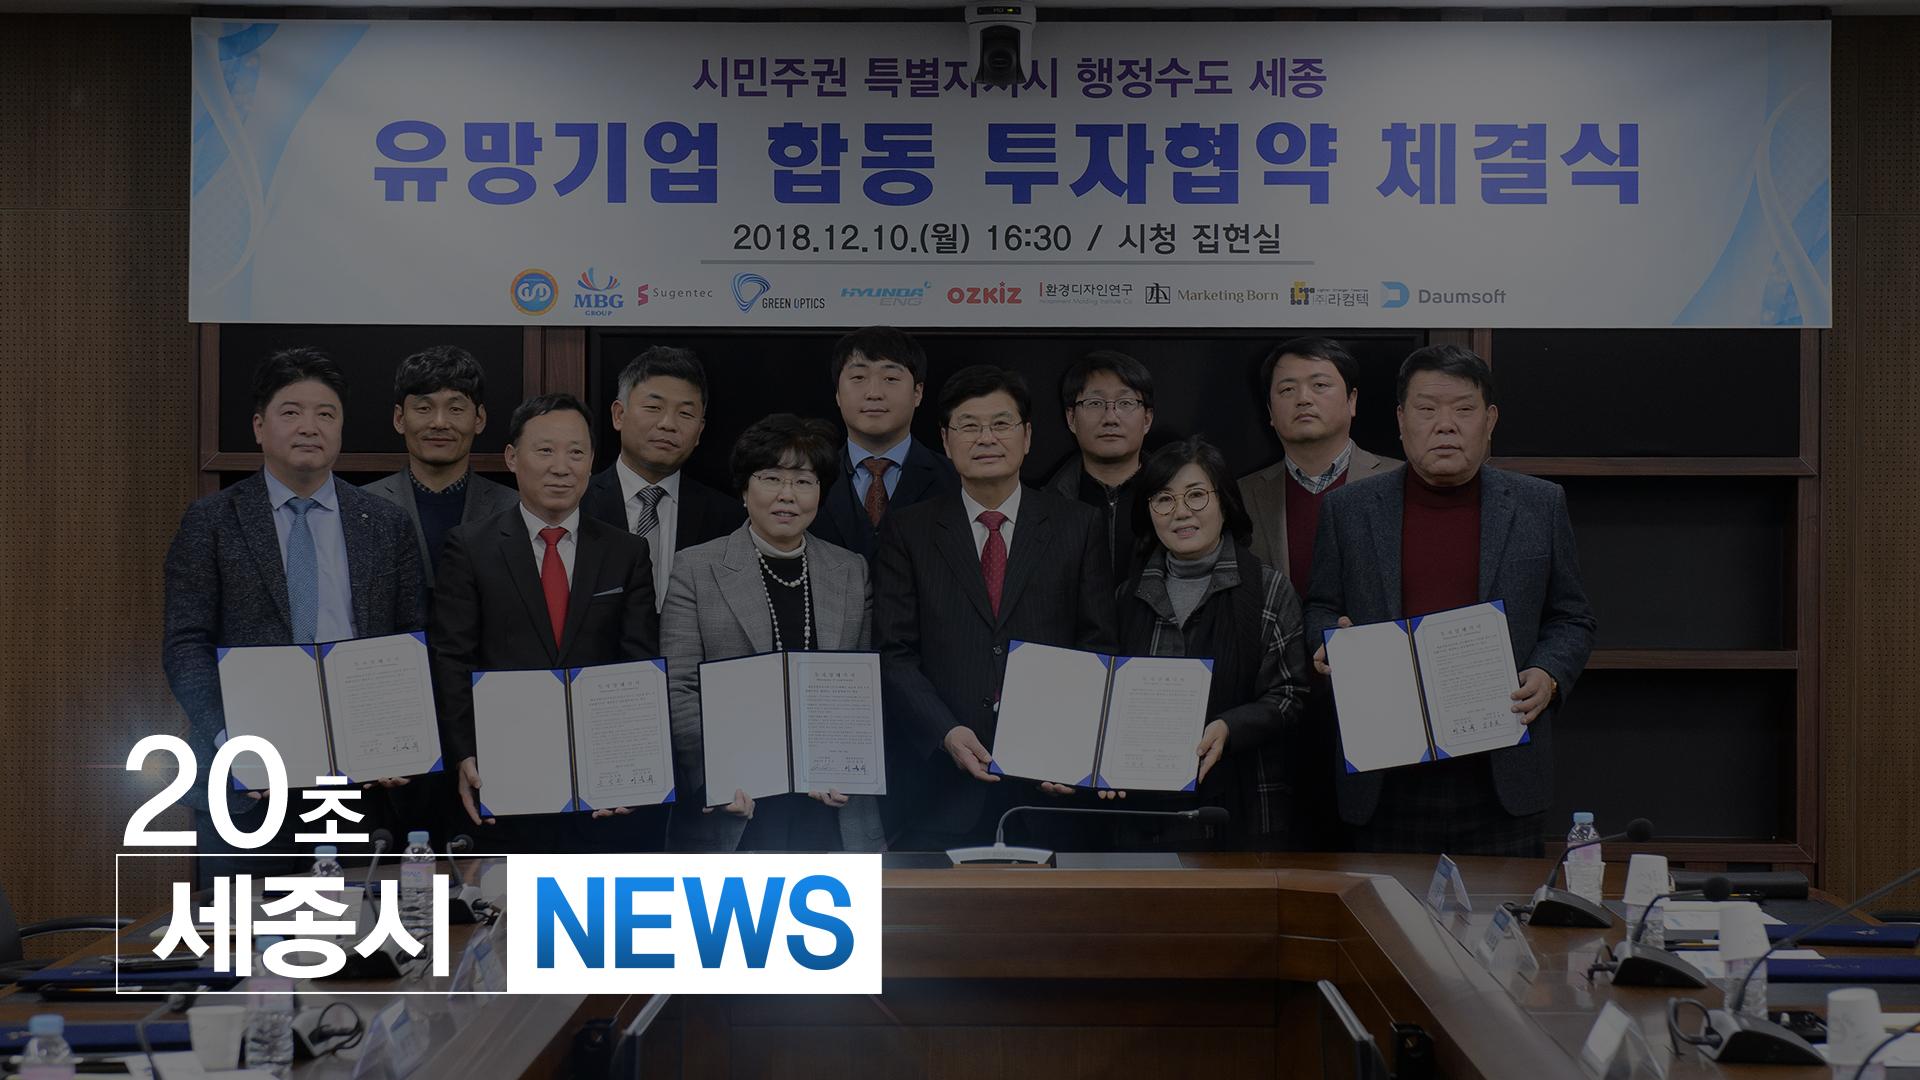 <20초뉴스> 시정 3기 첨단산업 대규모 투자유치 결실